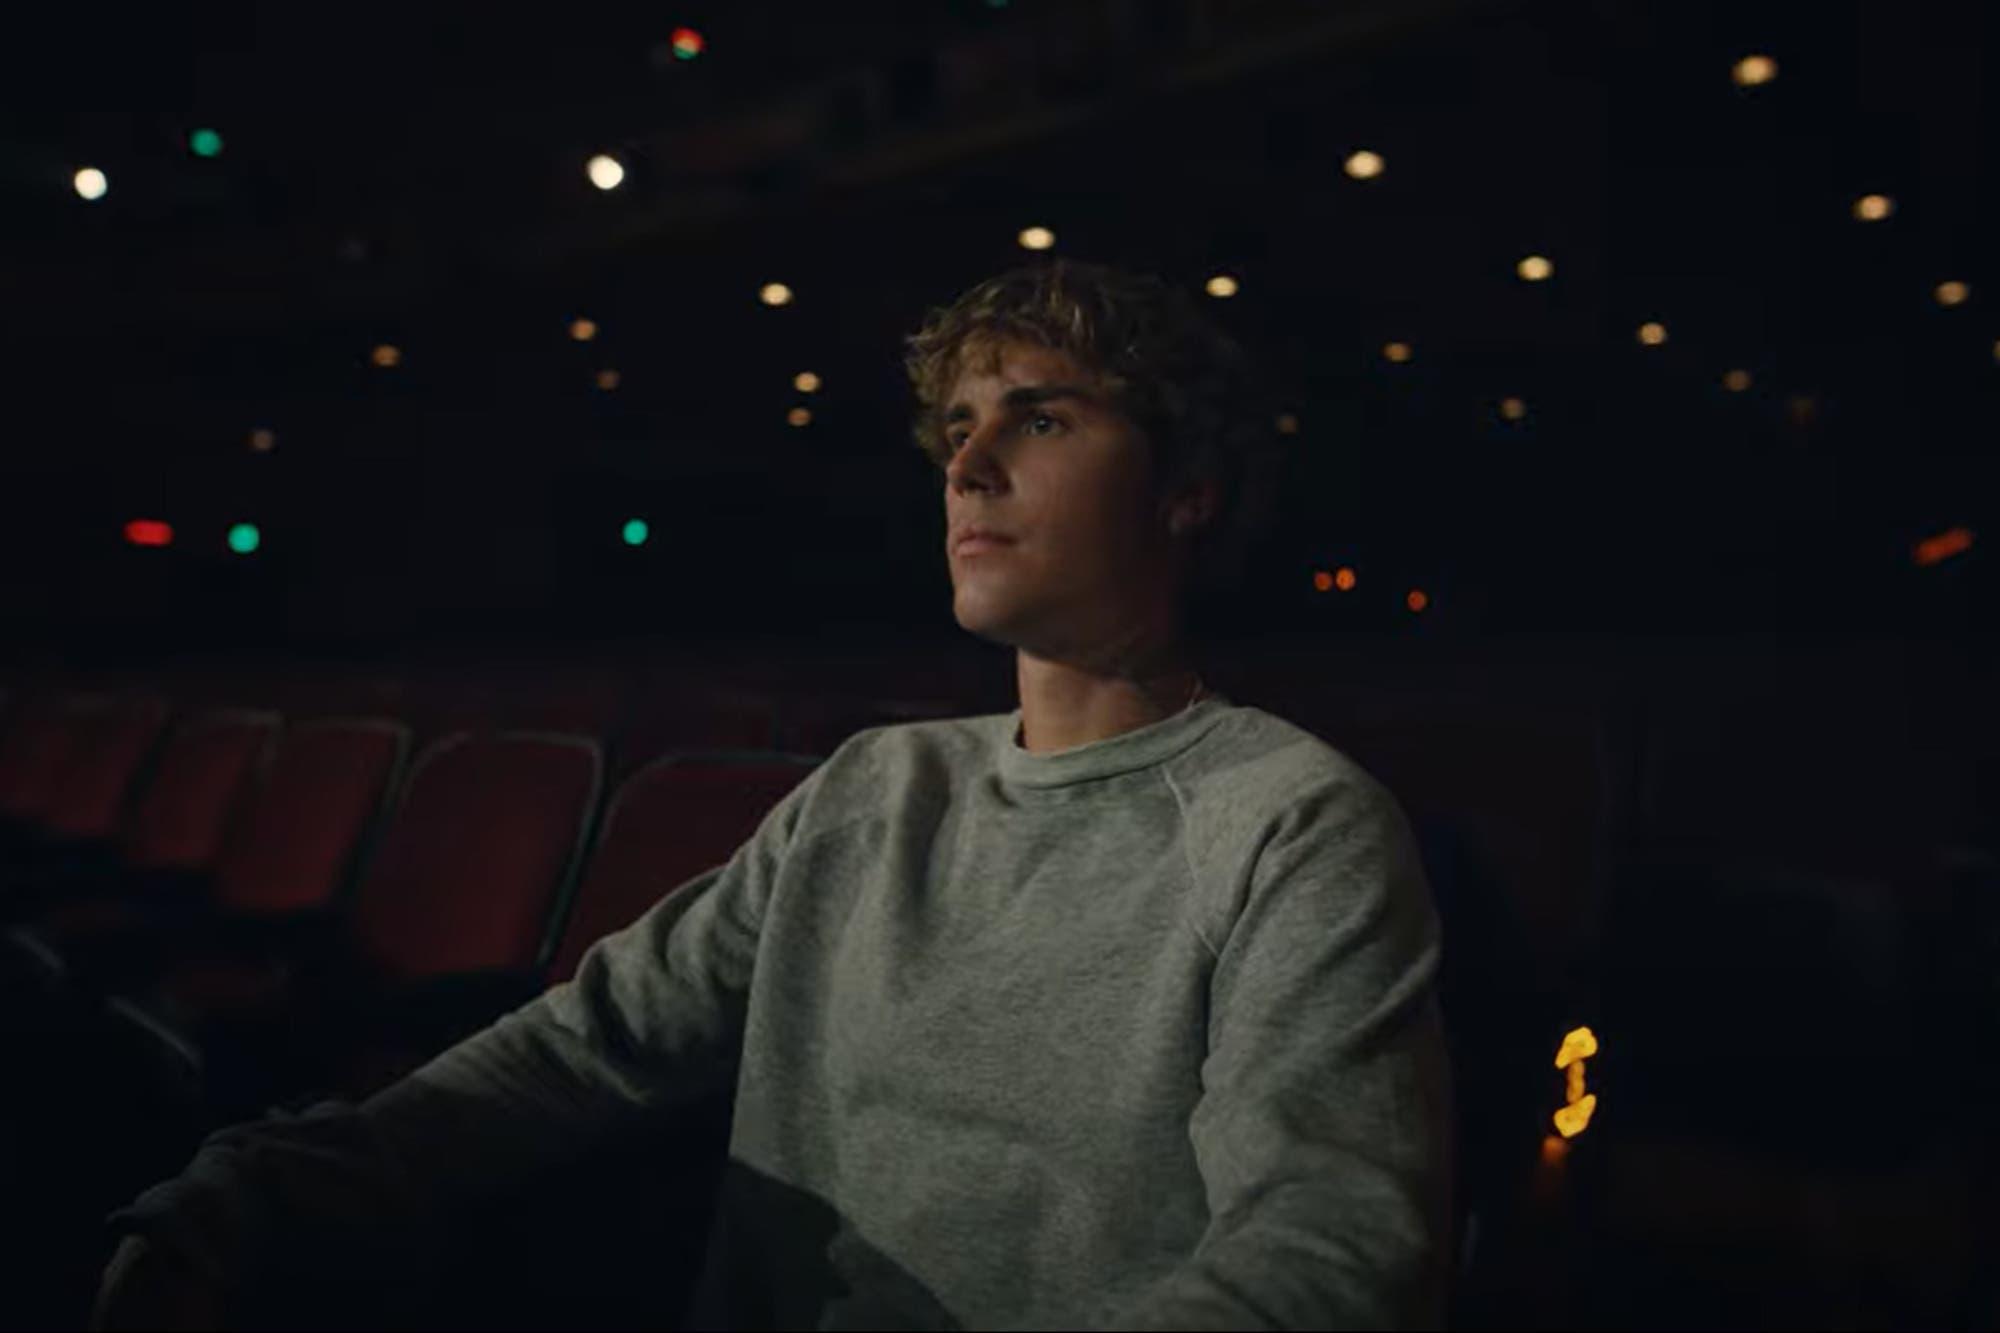 Viernes de estrenos musicales: de Lana del Rey y Justin Bieber a Juanse y Benito Cerati